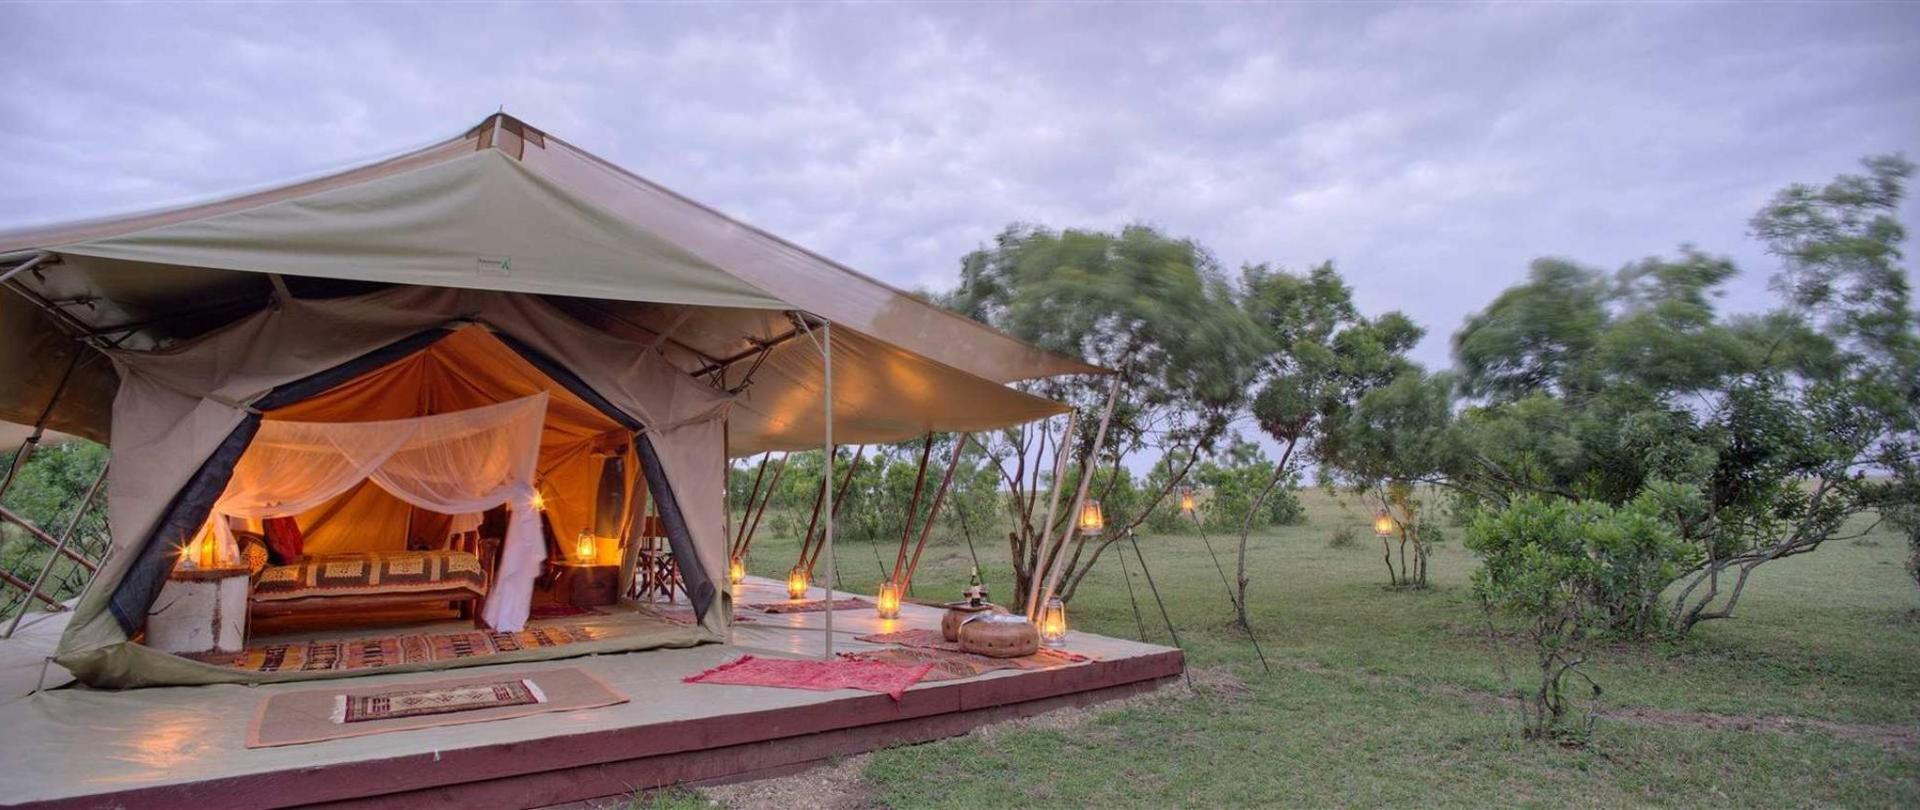 saruni-wild-our-family-tent.jpg